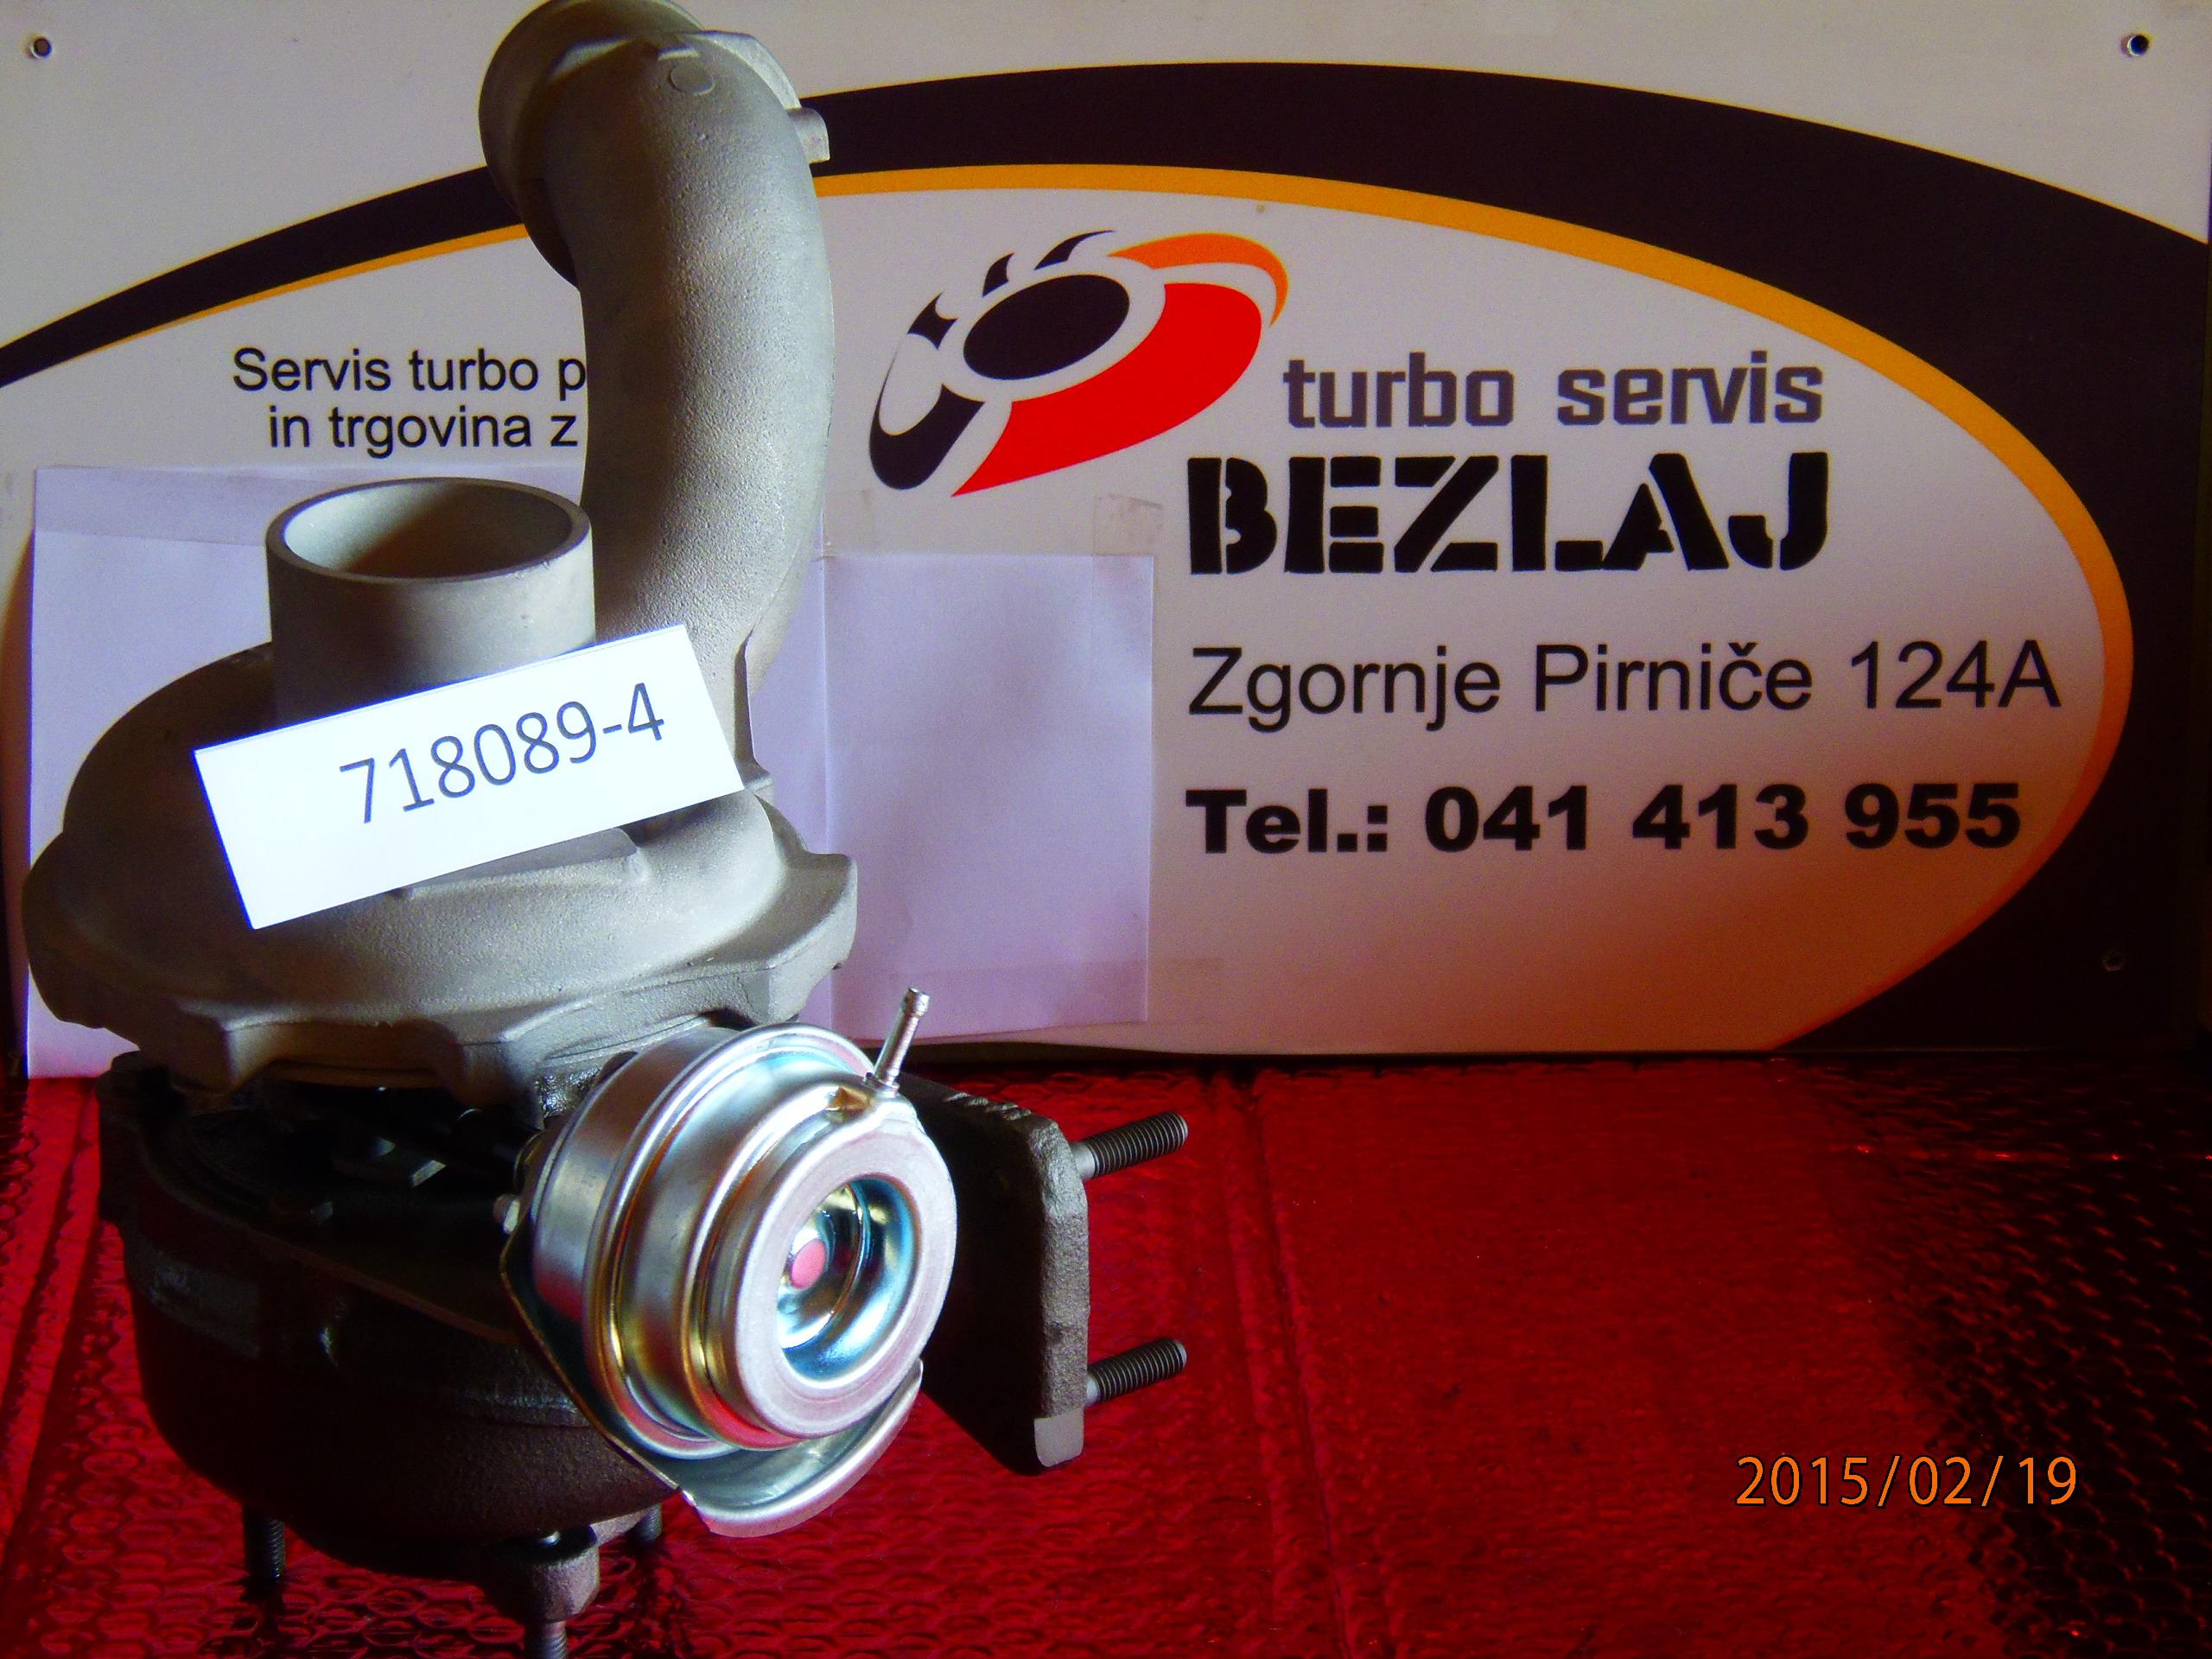 turbo718089-4